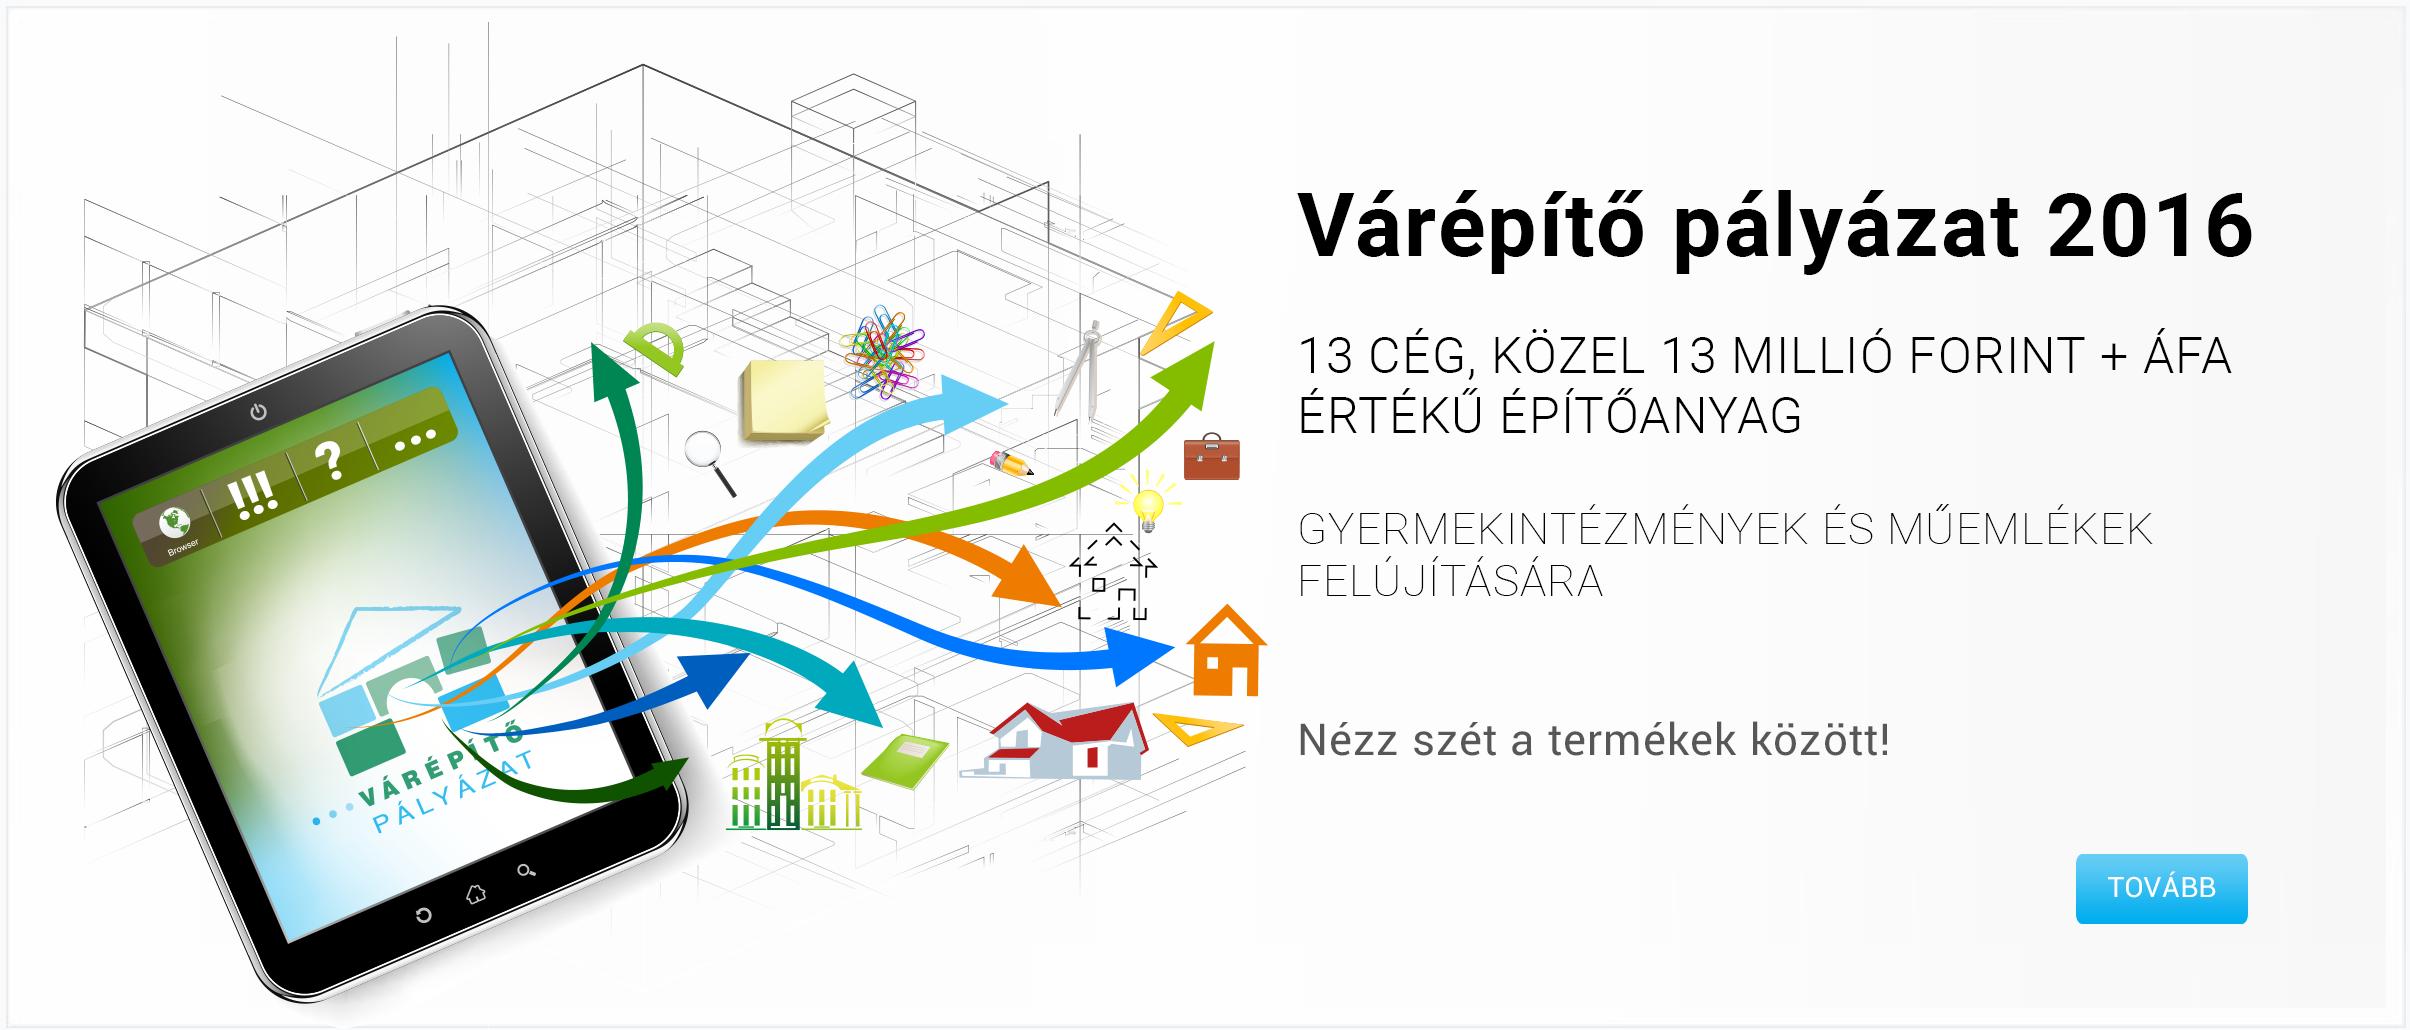 Várépítő pályázat Budaörsön: 13 millió Ft értékű építőanyag vár gazdára